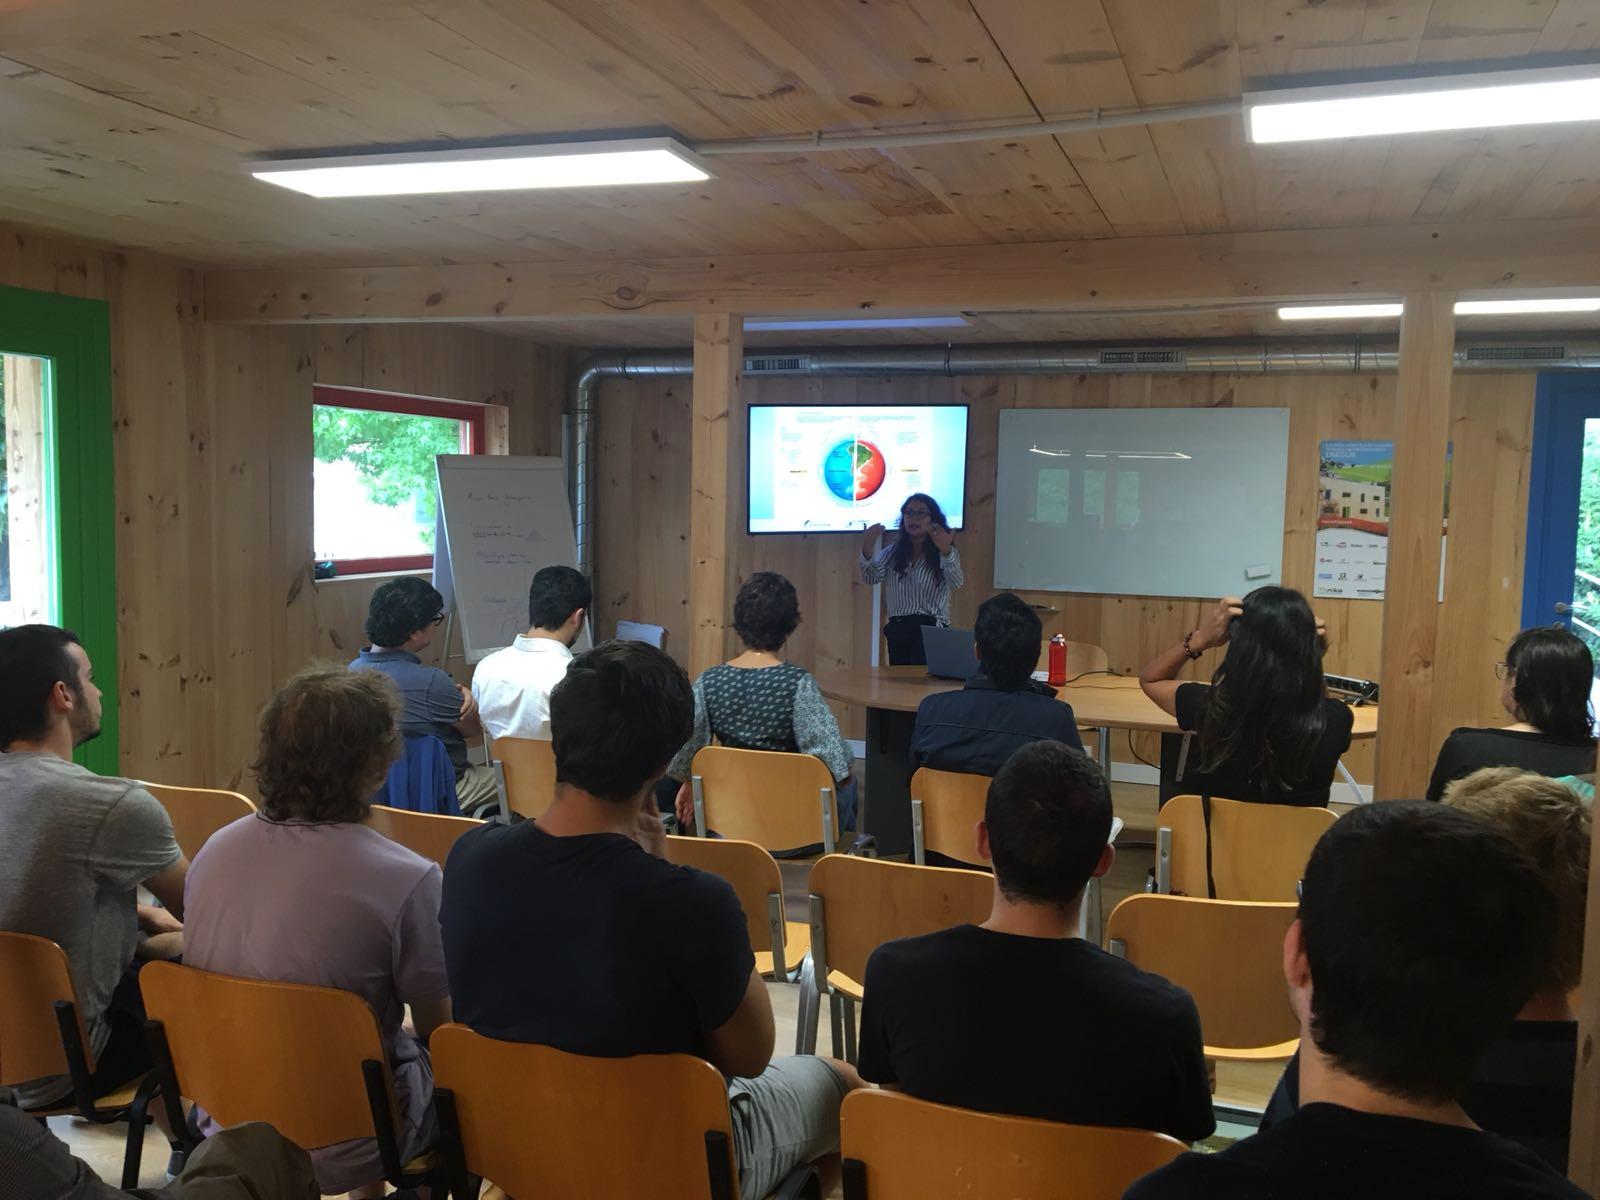 imagen 2 de noticia: ya-est-en-marcha-la-4-edicin-del-programa-tcnicos-para-chile-en-el-que-participamos